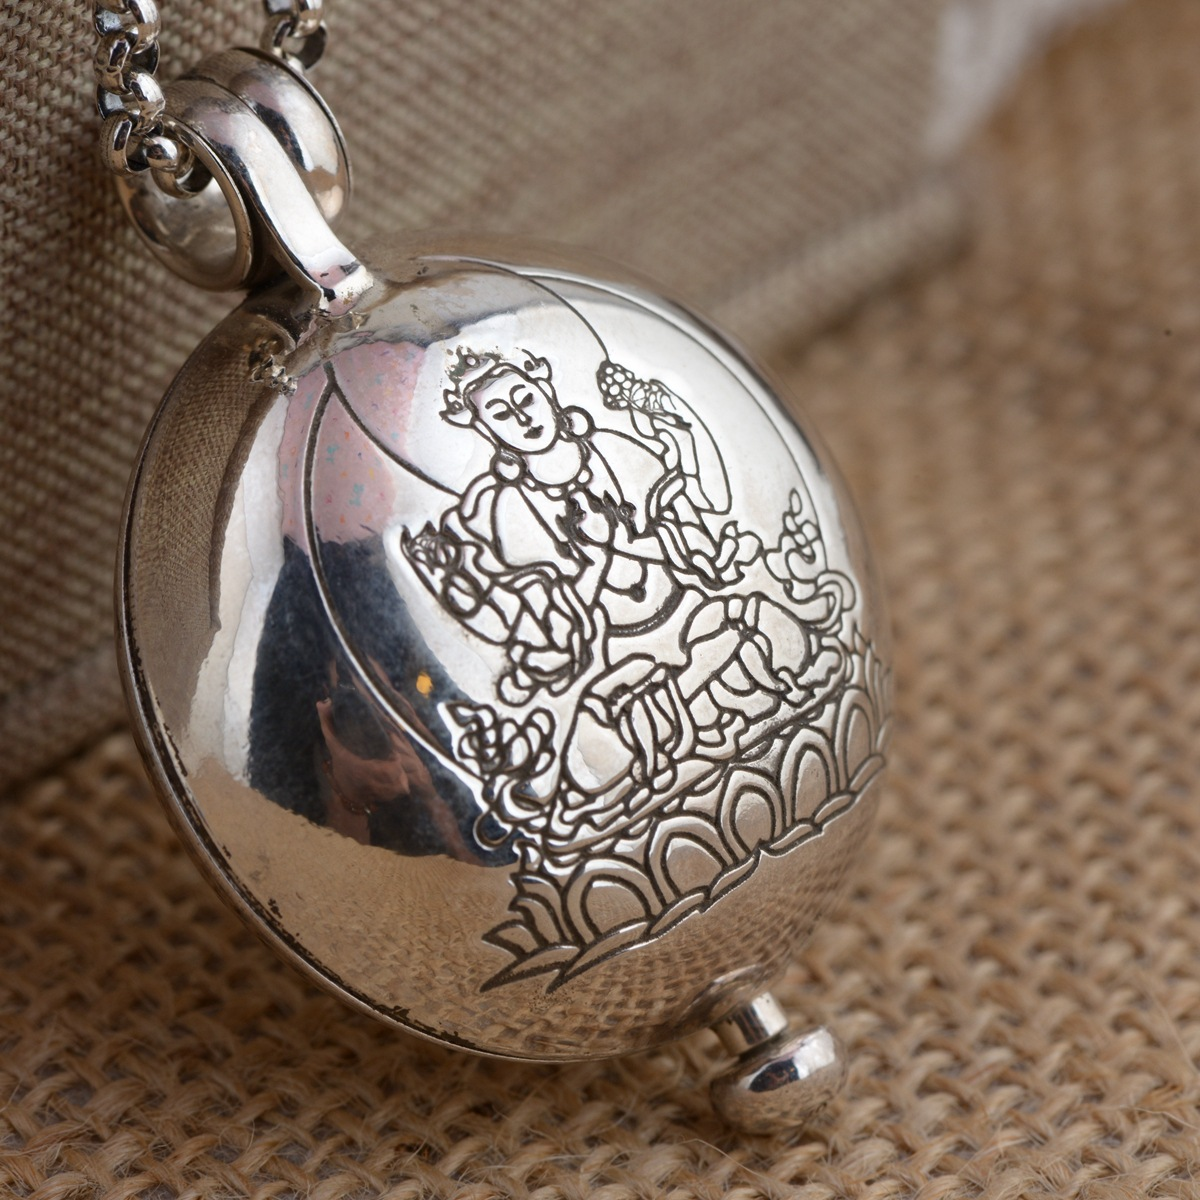 Cerf roi S925 pur argent boîte à bijoux bijoux pendentif gawu intime peut ouvrir le nouveau cadeau du bouddhisme